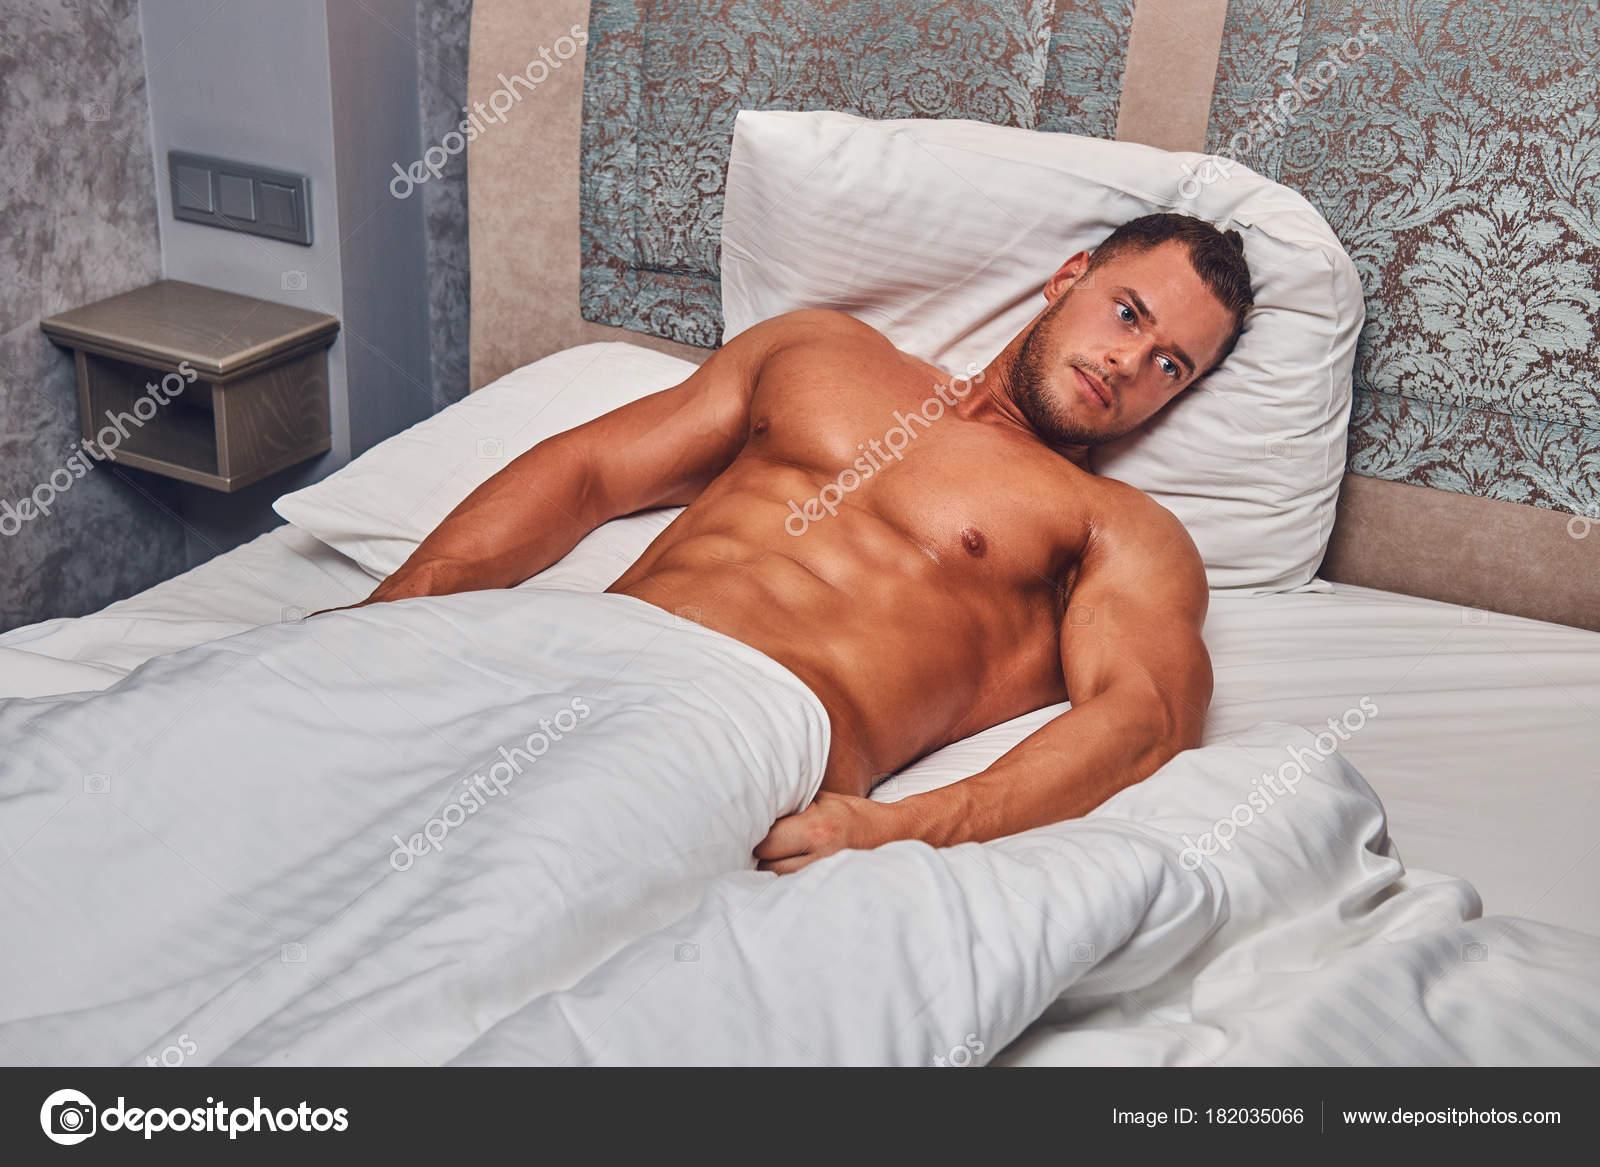 Фадеева фотки обнаженный мужчина лежа фото зрелая